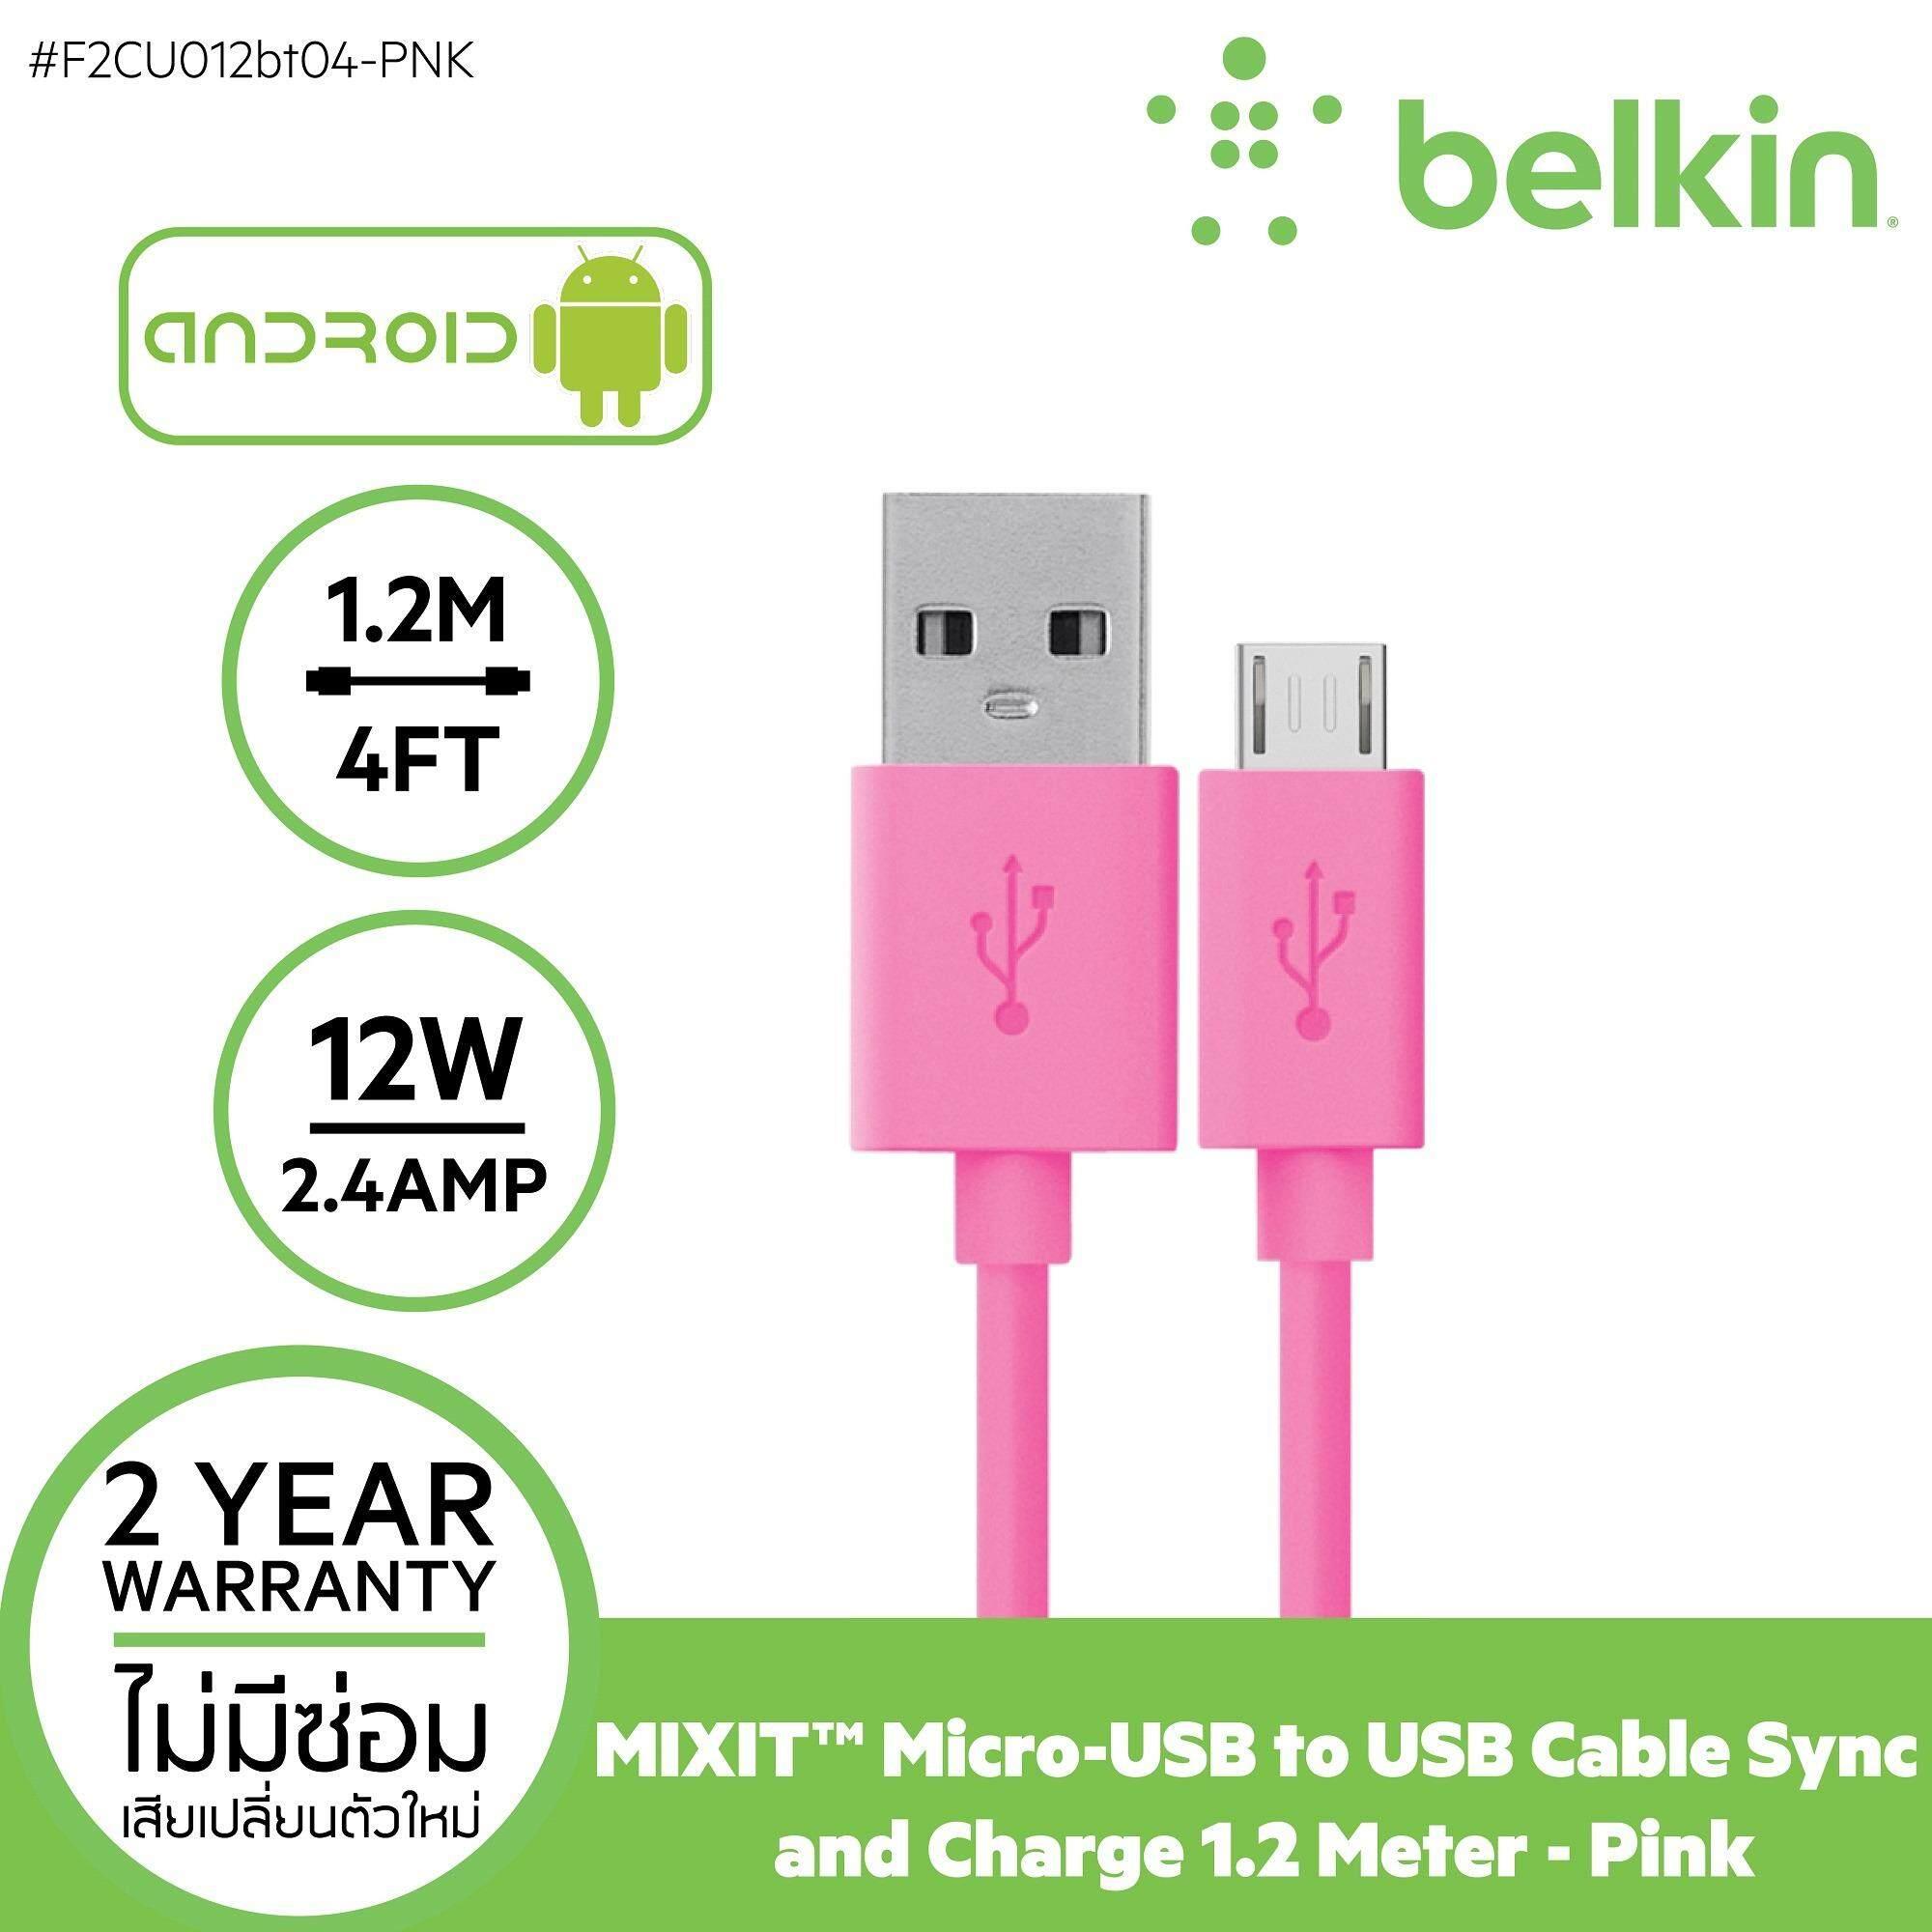 ขาย สายชาร์จ ไมโคร ยูเอสบี 1 2 เมตร สำหรับแอนดรอยด์ ซัมซุง แบตเตอรี่สำรอง เบลคิน Belkin Mixit↑™ Micro Usb Chargesync Cable F2Cu012Bt04 Pnk ถูก กรุงเทพมหานคร